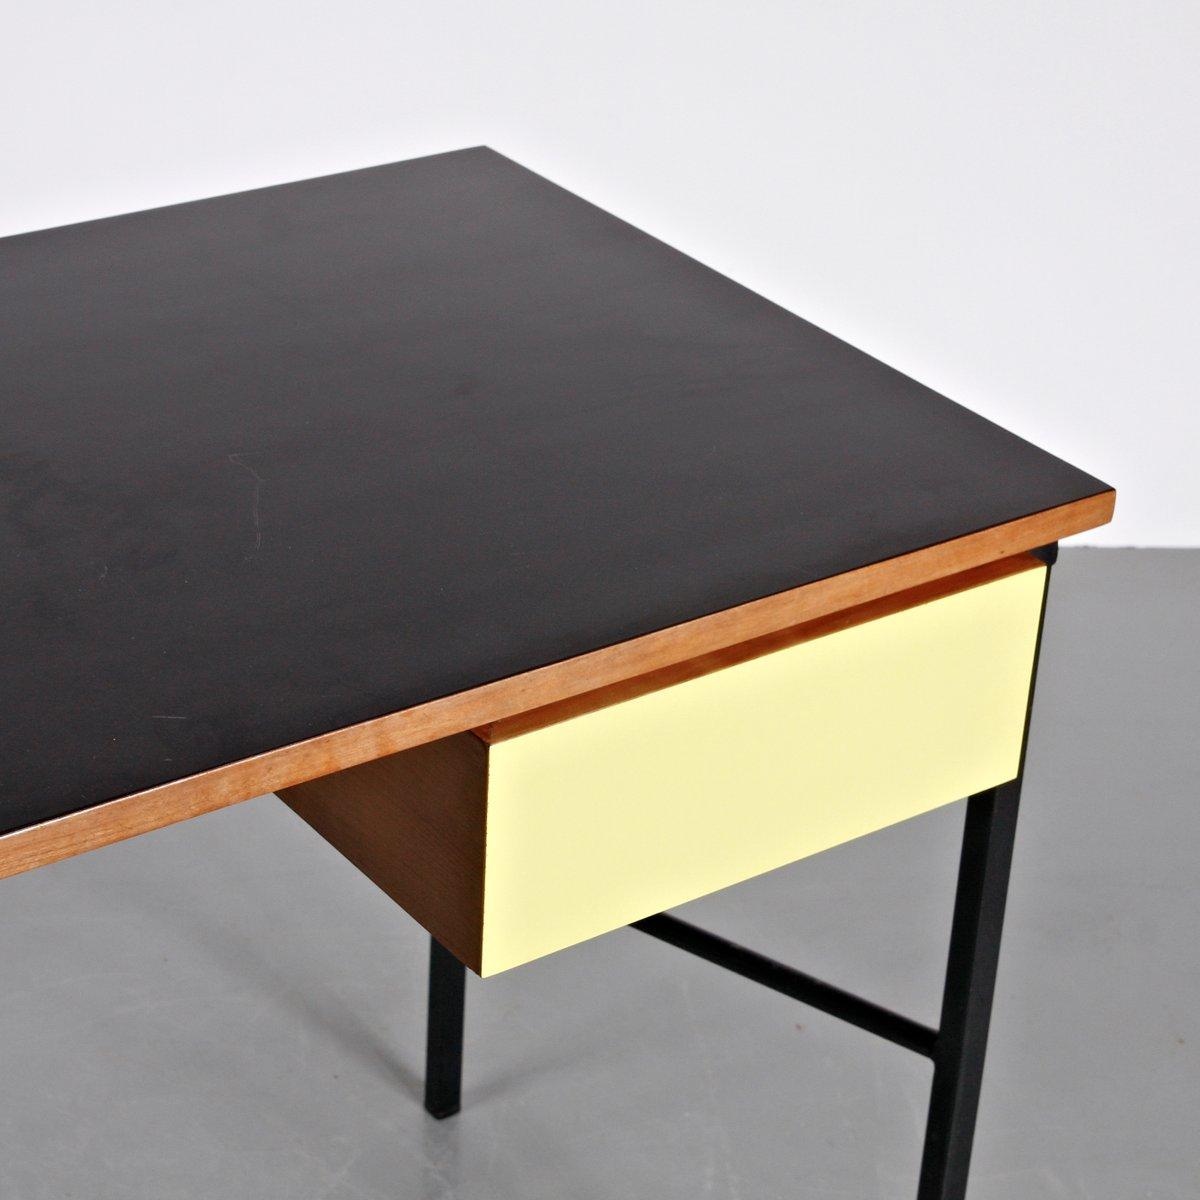 bureau cm174 par pierre paulin pour thonet 1956 en vente sur pamono. Black Bedroom Furniture Sets. Home Design Ideas